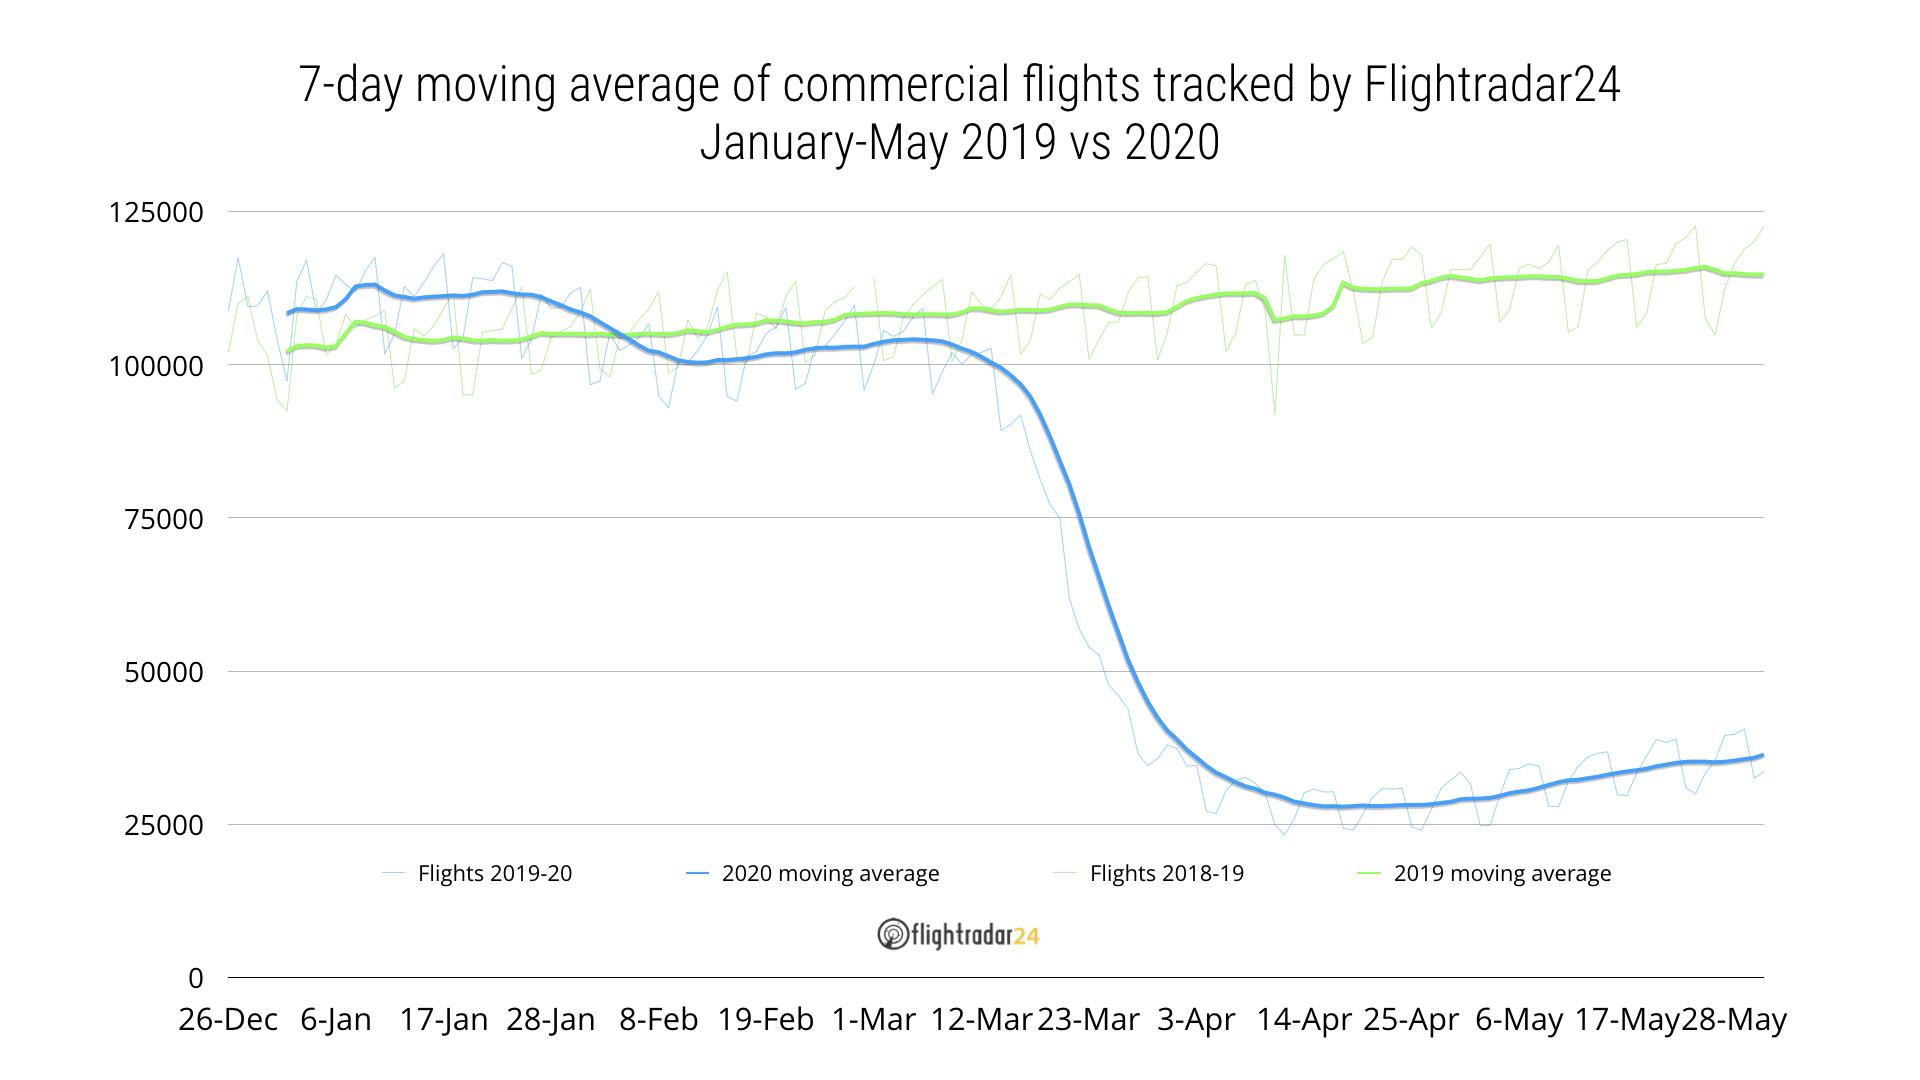 Commercial flights 2020 vs 2019